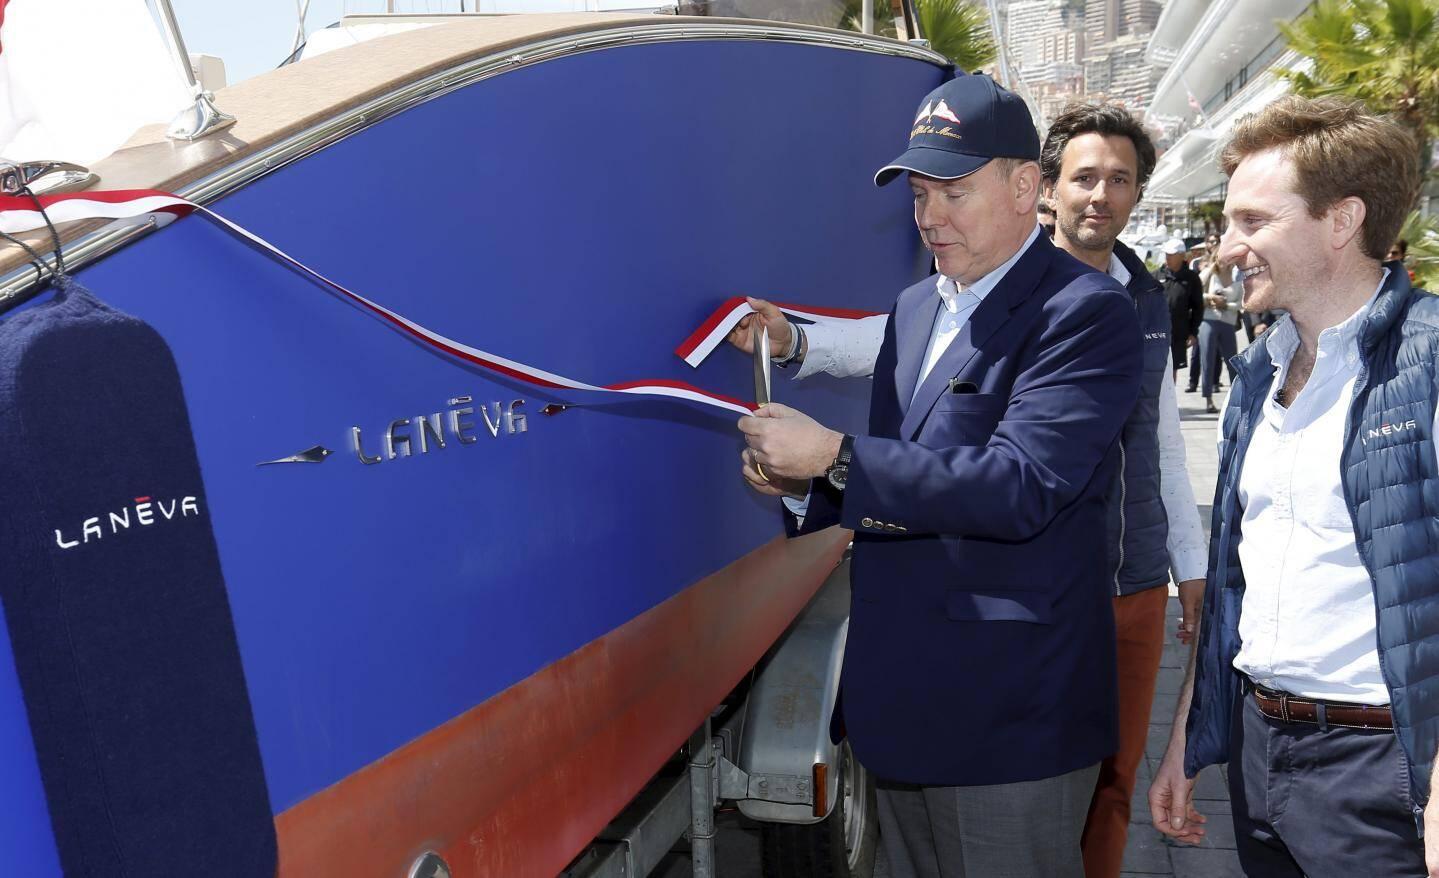 Le souverain a inauguré le bateau de Maxime Pachot et François Richard.